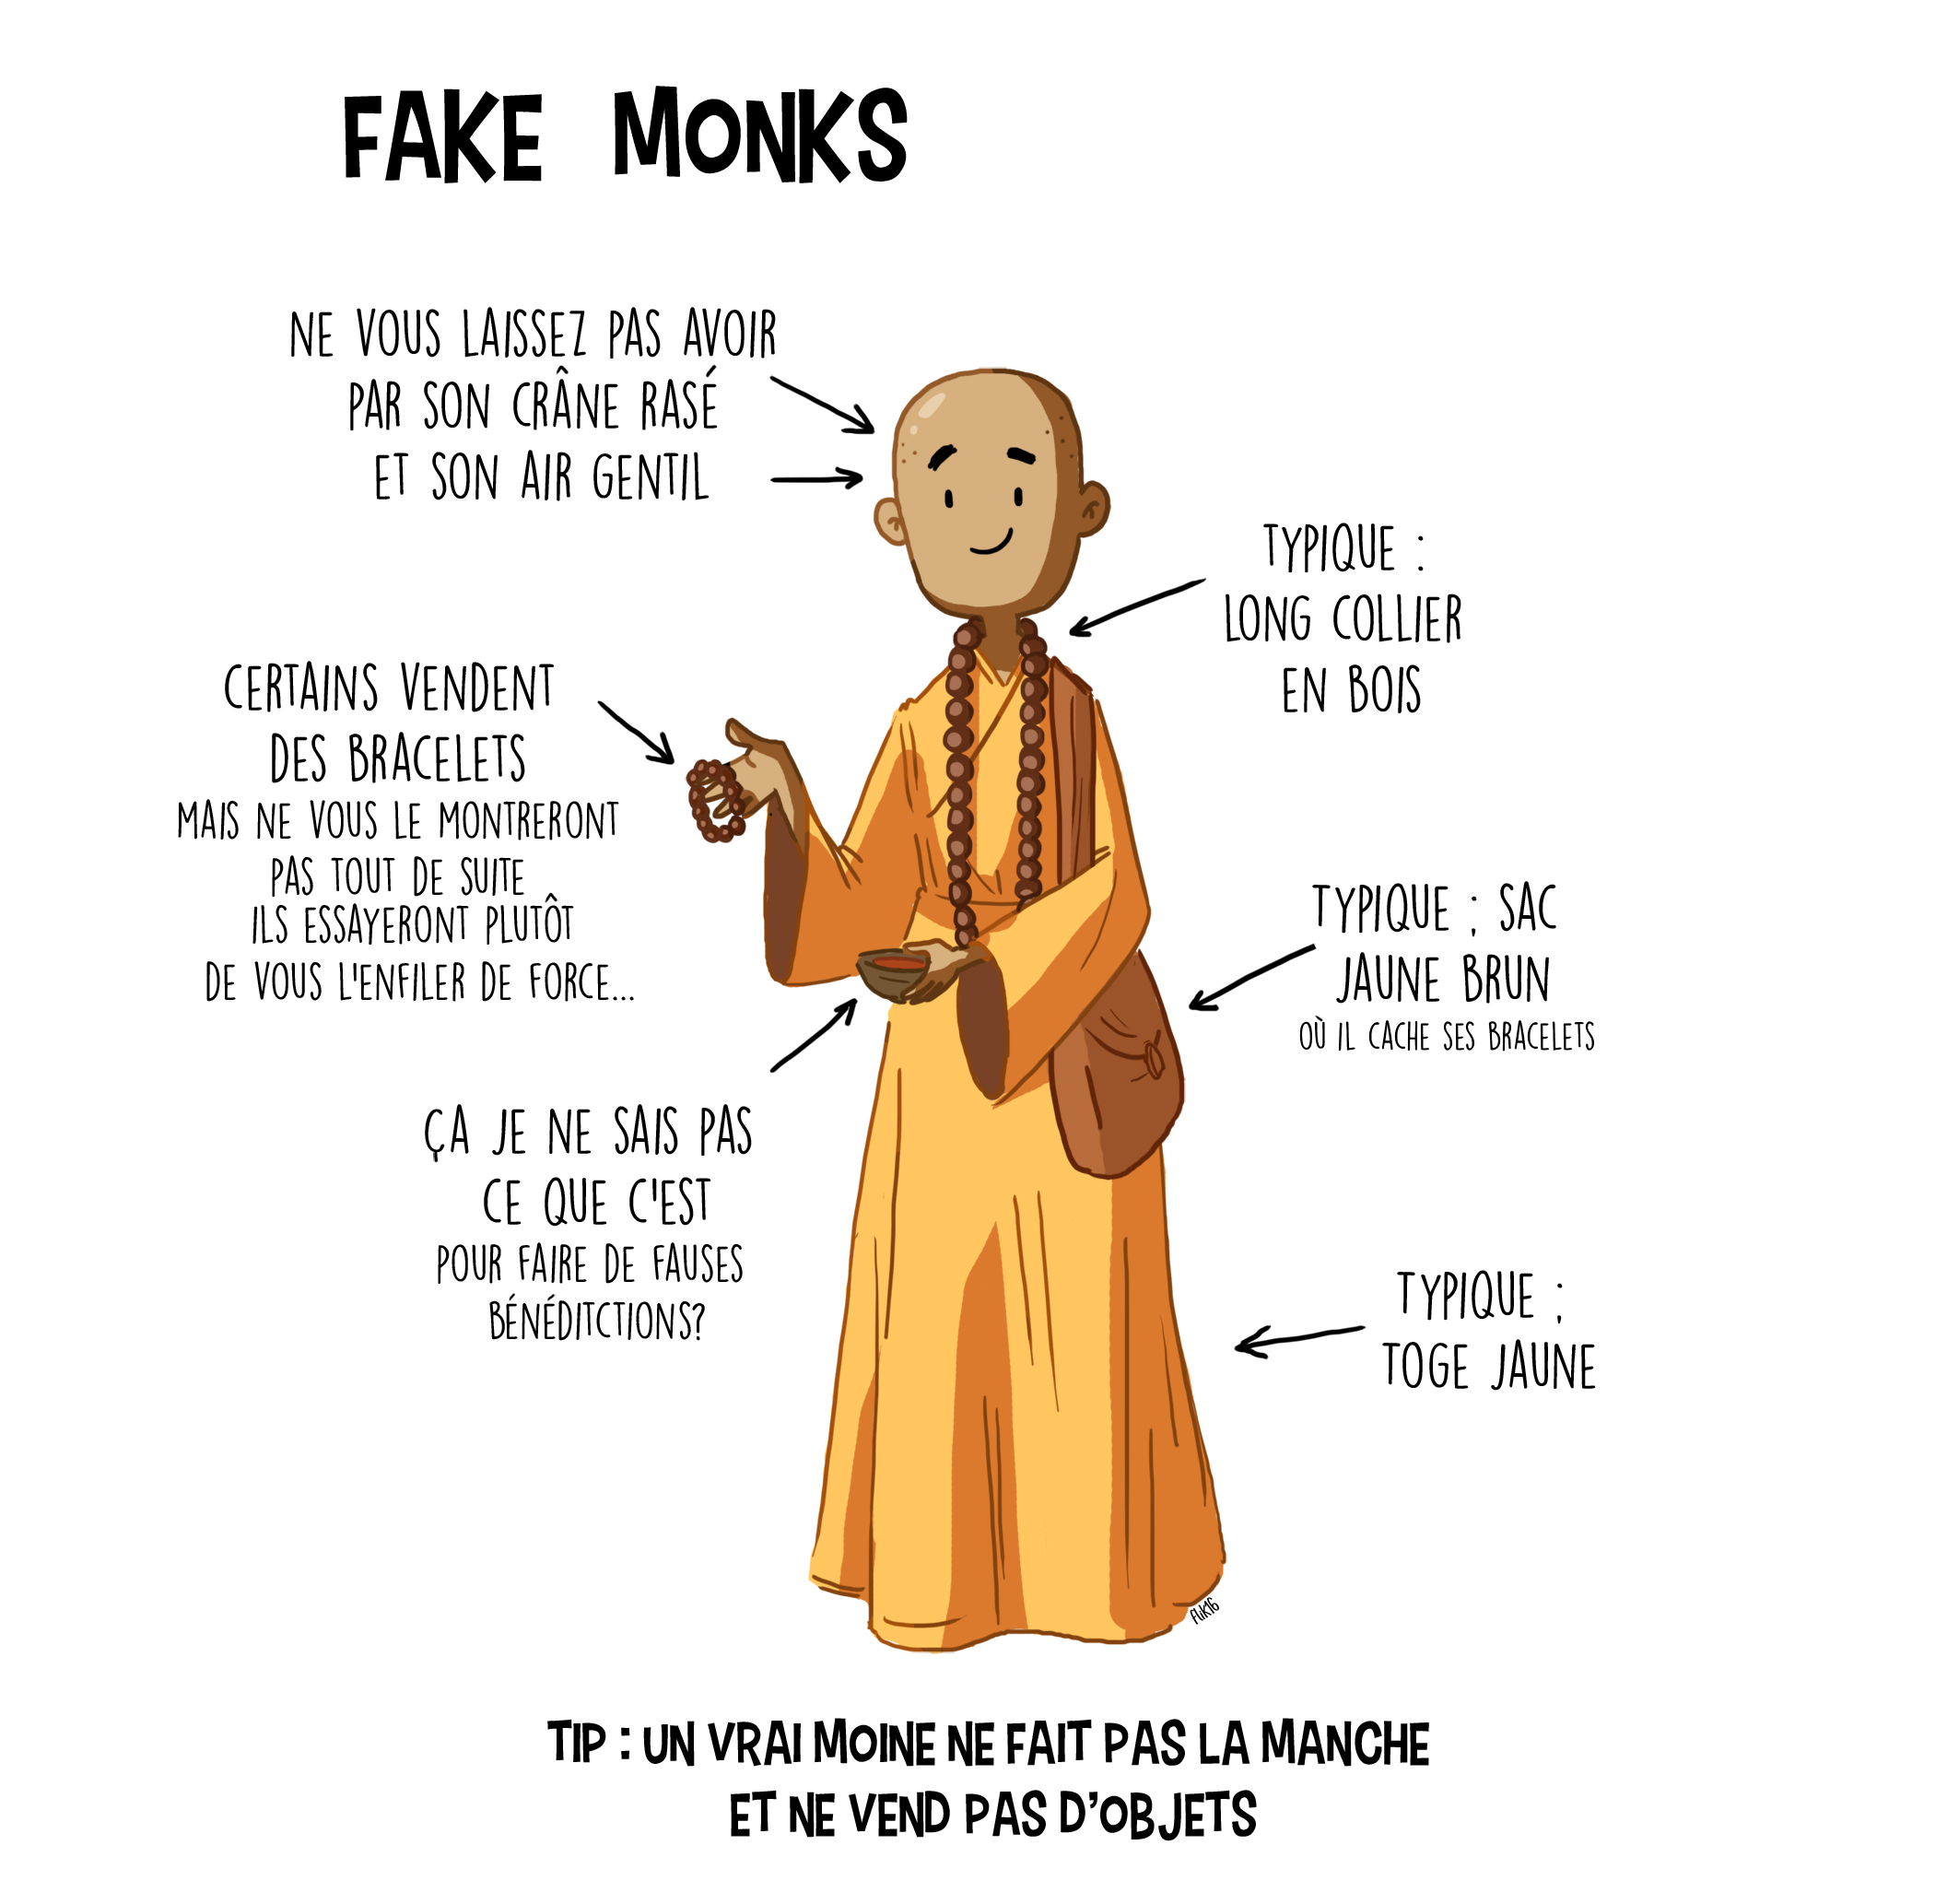 Fake monk2